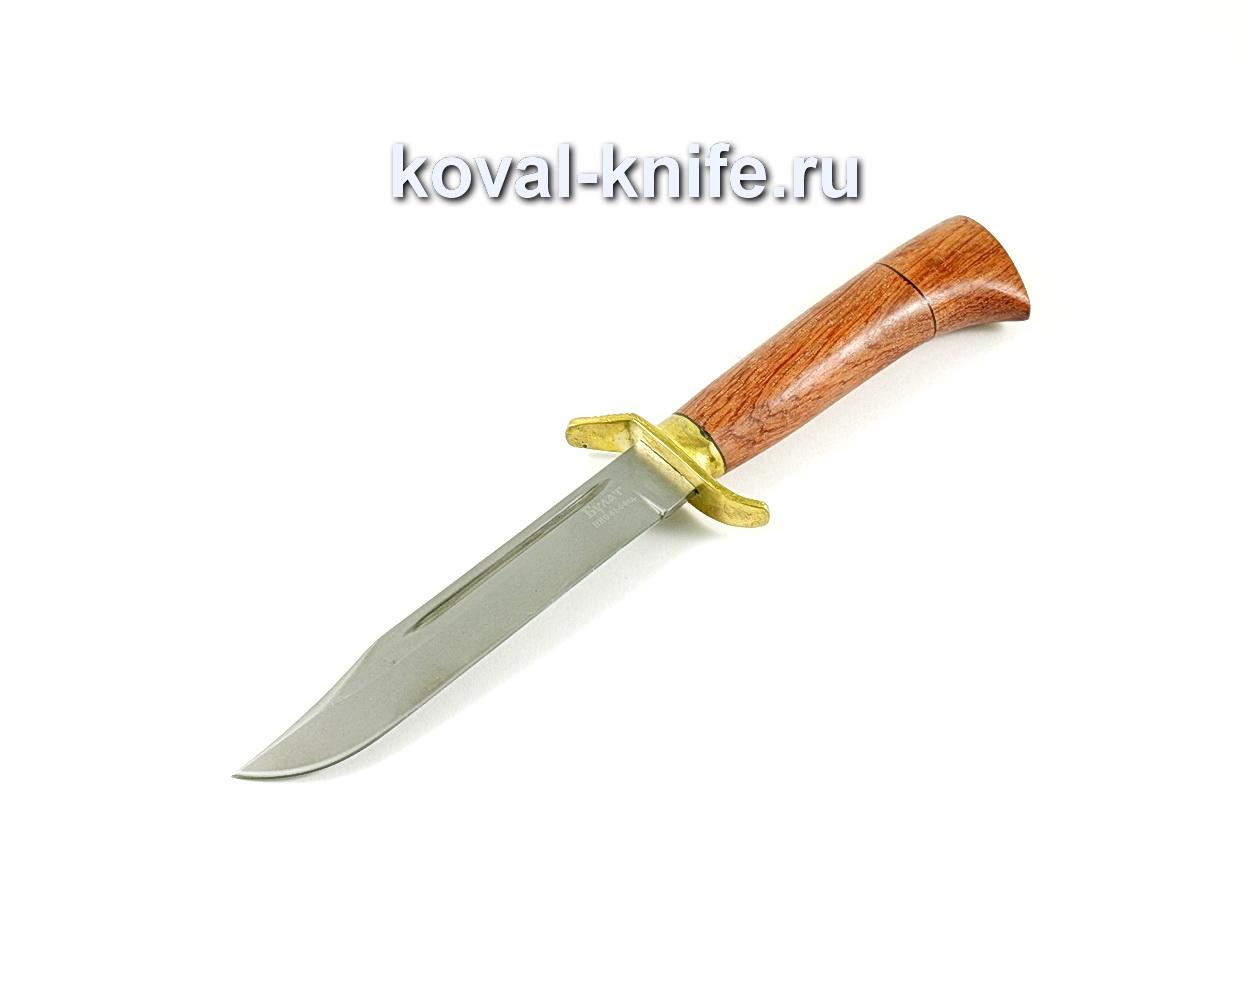 Нож НР-40 (сталь Булат) рукоять Бубинго, литье A196